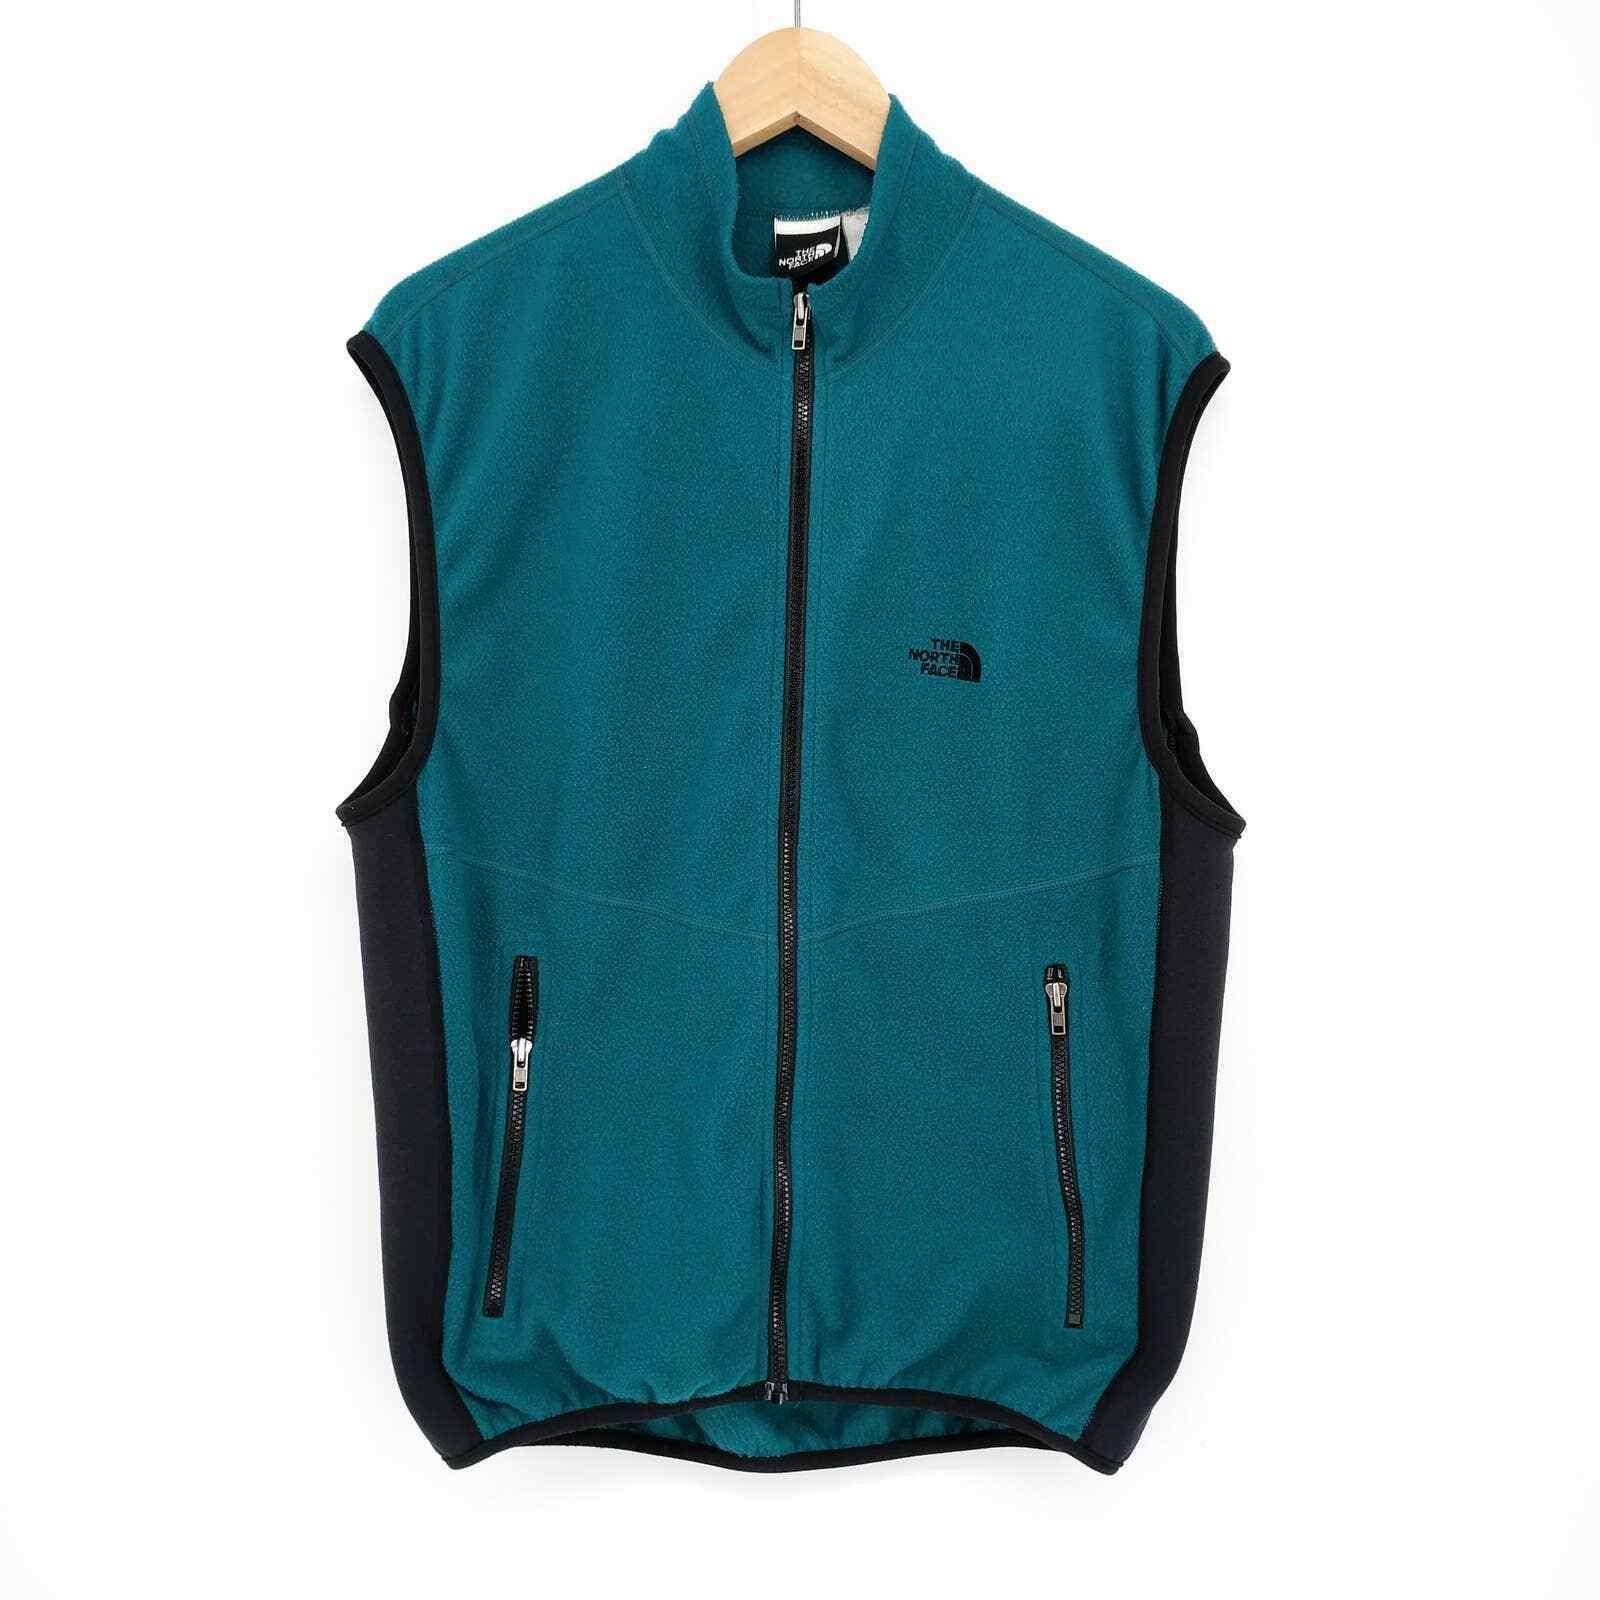 Vintage North Face Fleece Jacket Vest Outdoor Hiking Camping Teal USA Men's L - $59.39